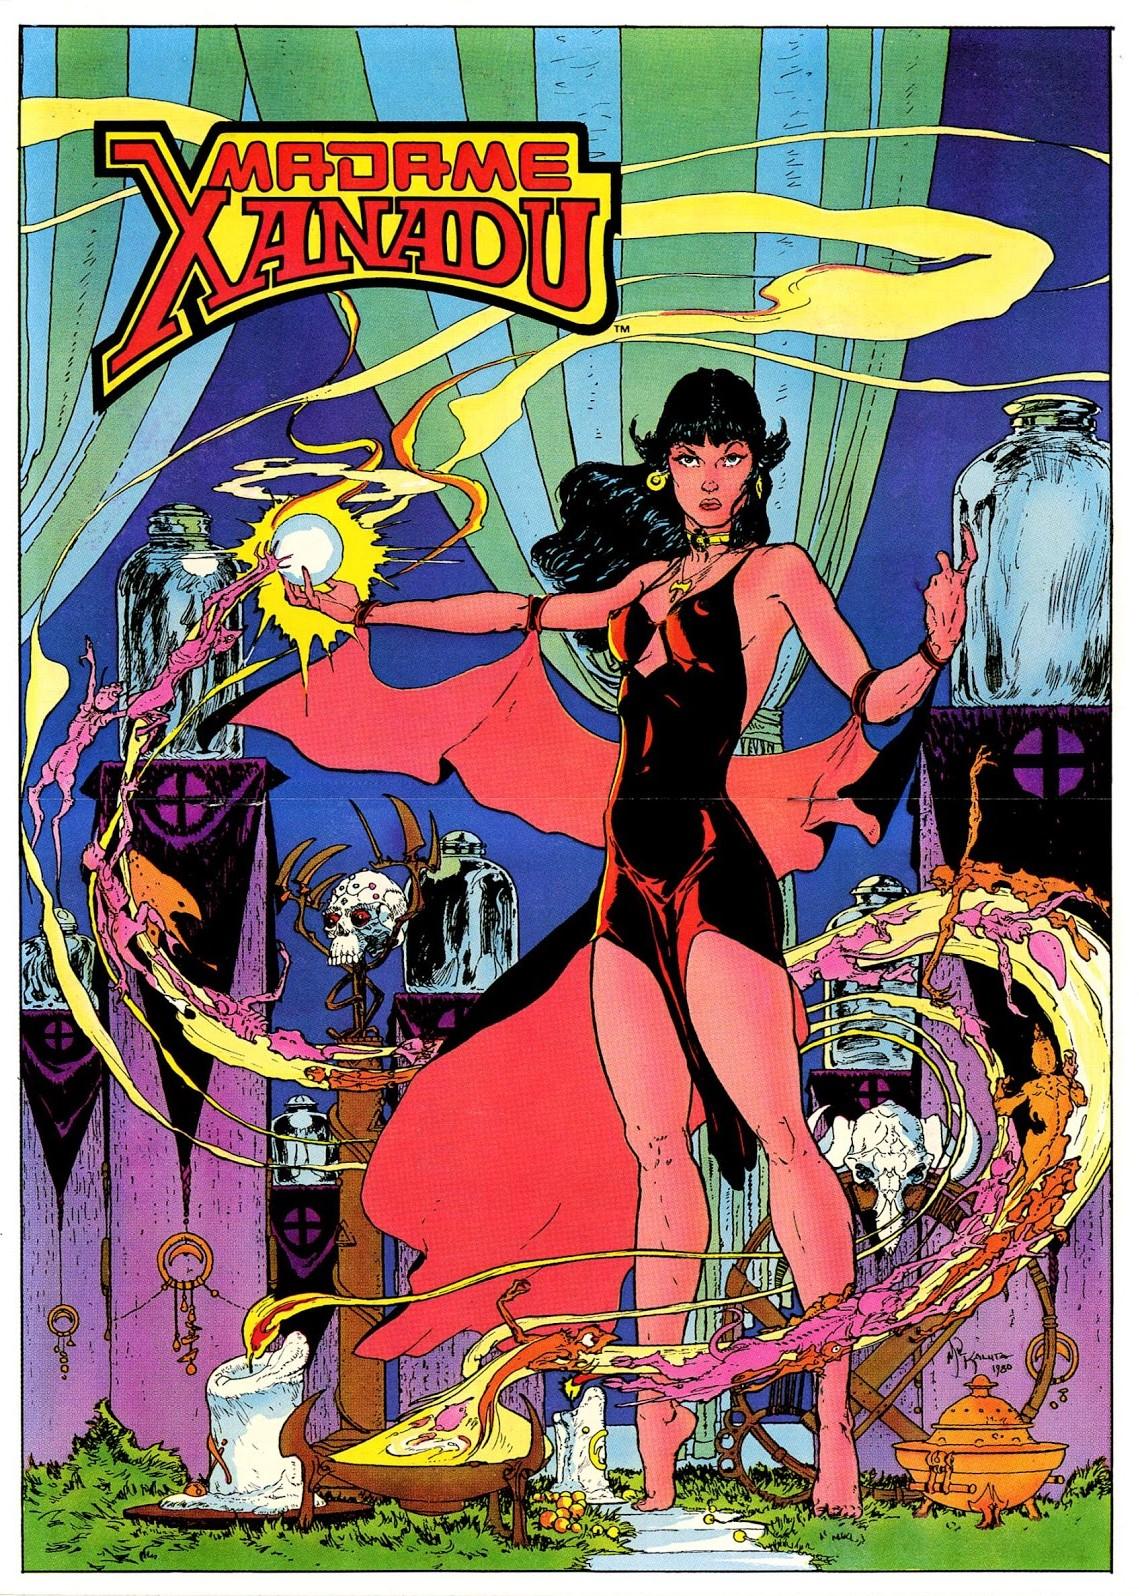 Madame Xanadu 04.jpg